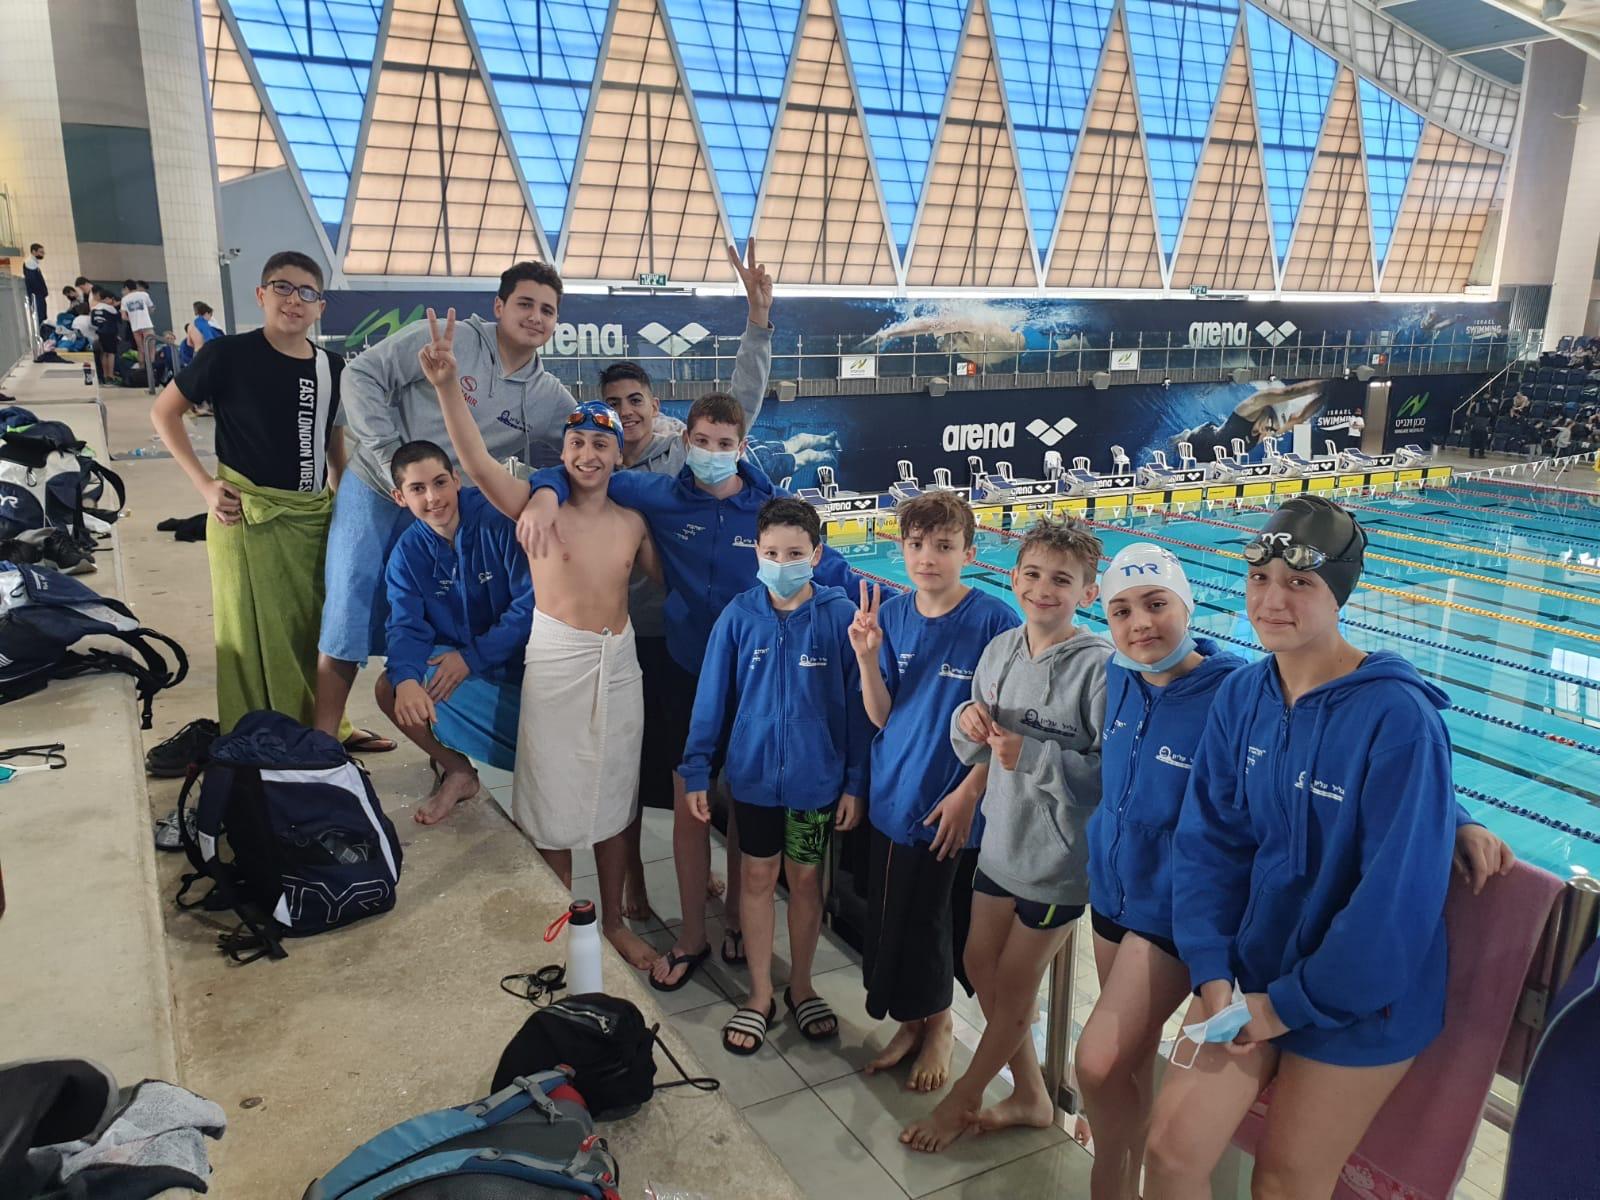 תחרות ליגה מוצלחת לשחייני הנוער בעמותת הספורט של הגליל העליון